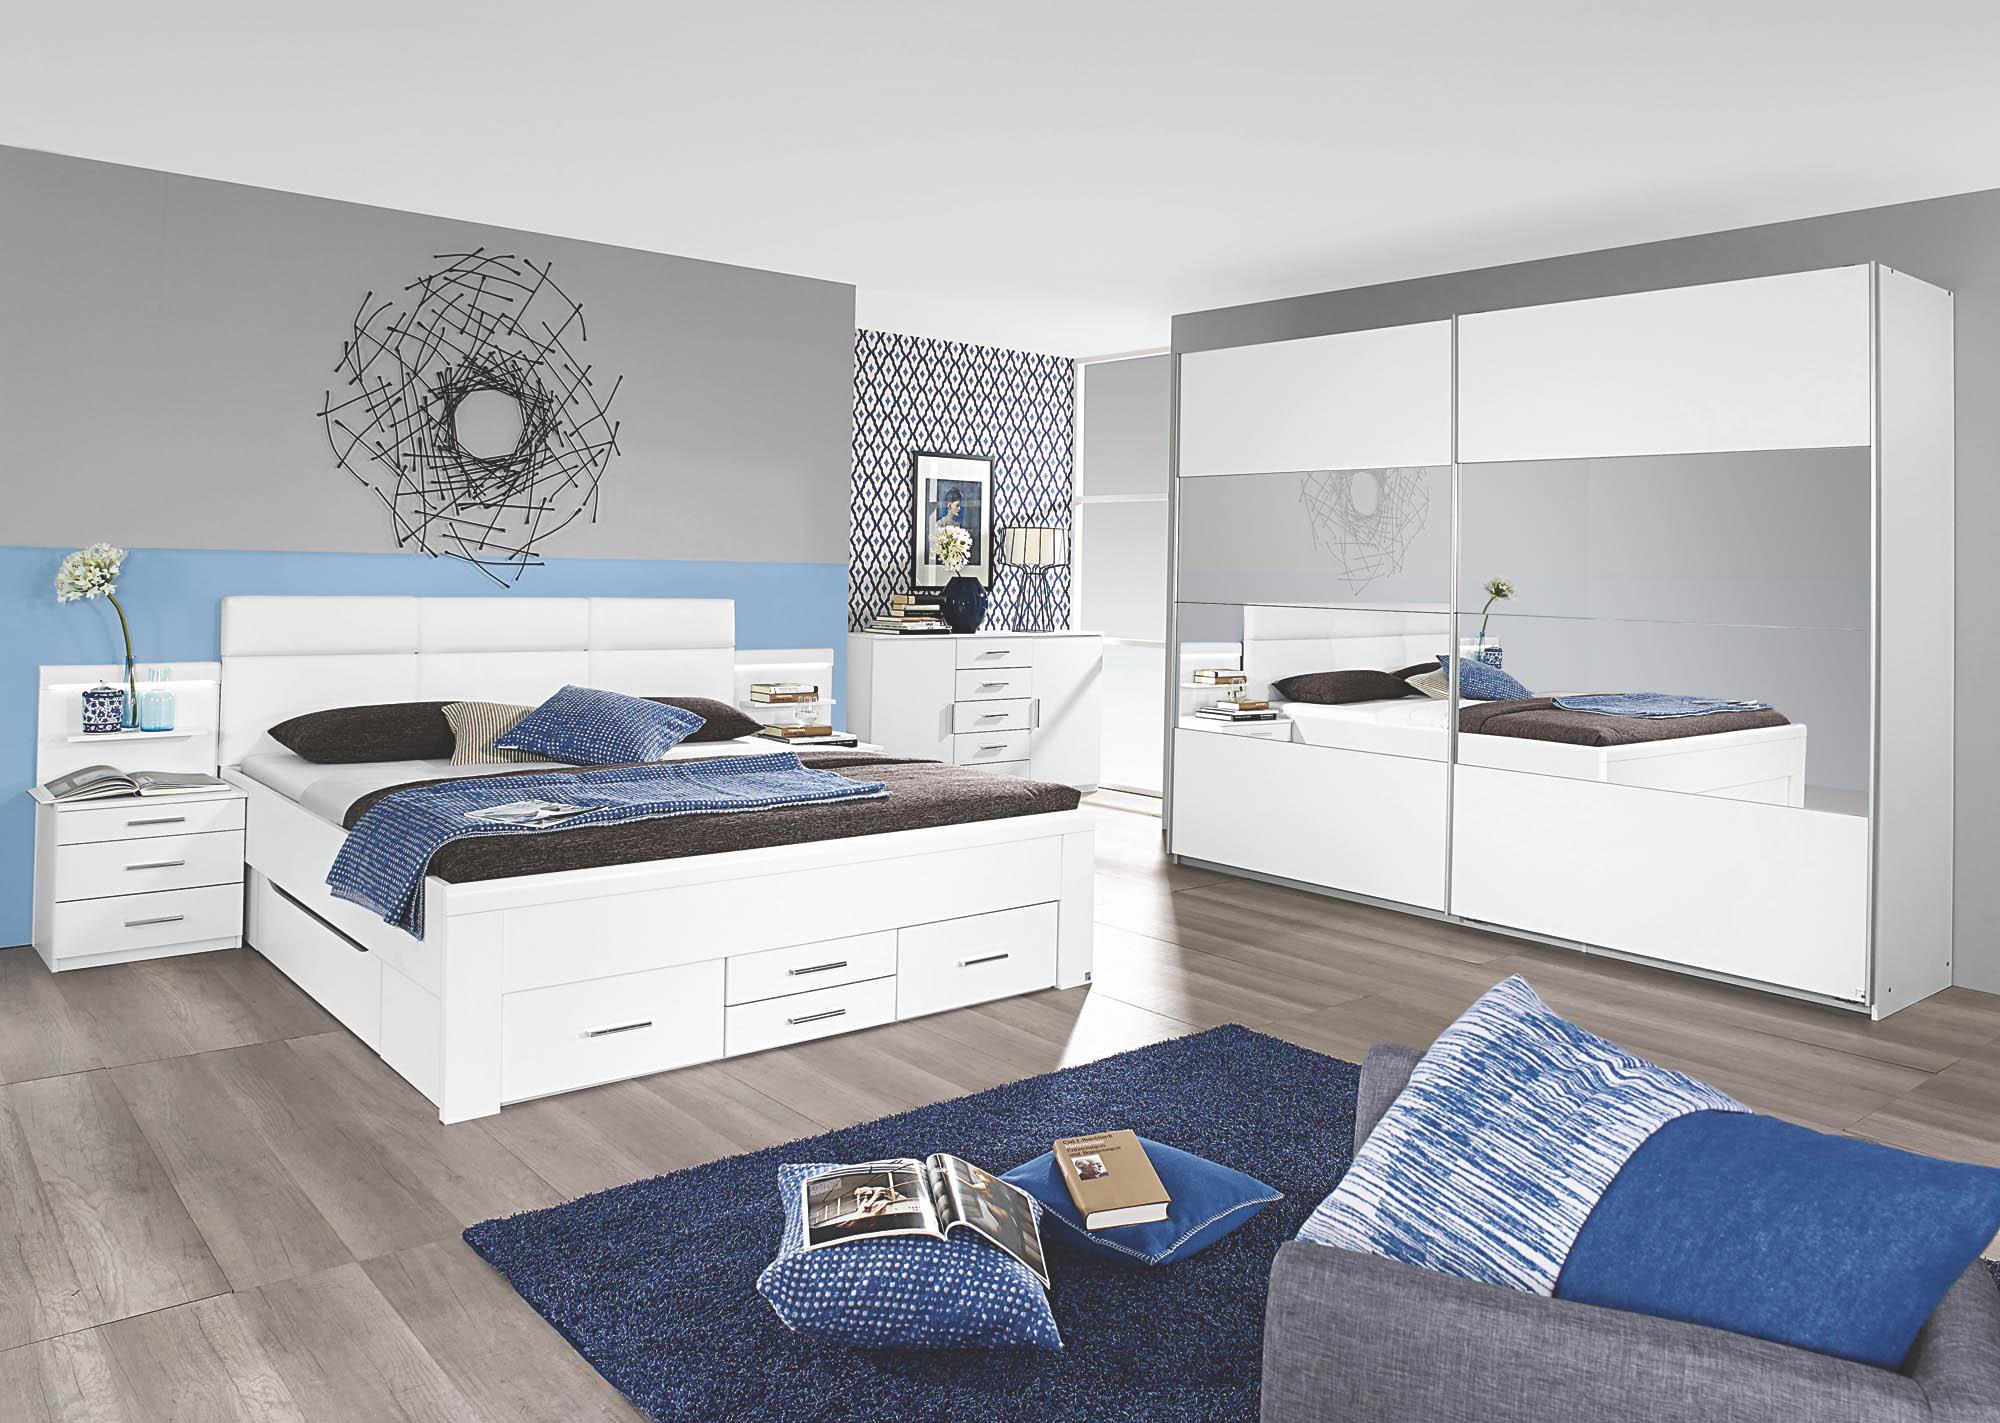 Full Size of Schrankbett 180x200 Ikea Bett Schrank Ebay Set Mit Couch Kombi Nussbaum Miniküche Modulküche Modernes Lattenrost Und Matratze Bettkasten Küche Kosten Wohnzimmer Schrankbett 180x200 Ikea